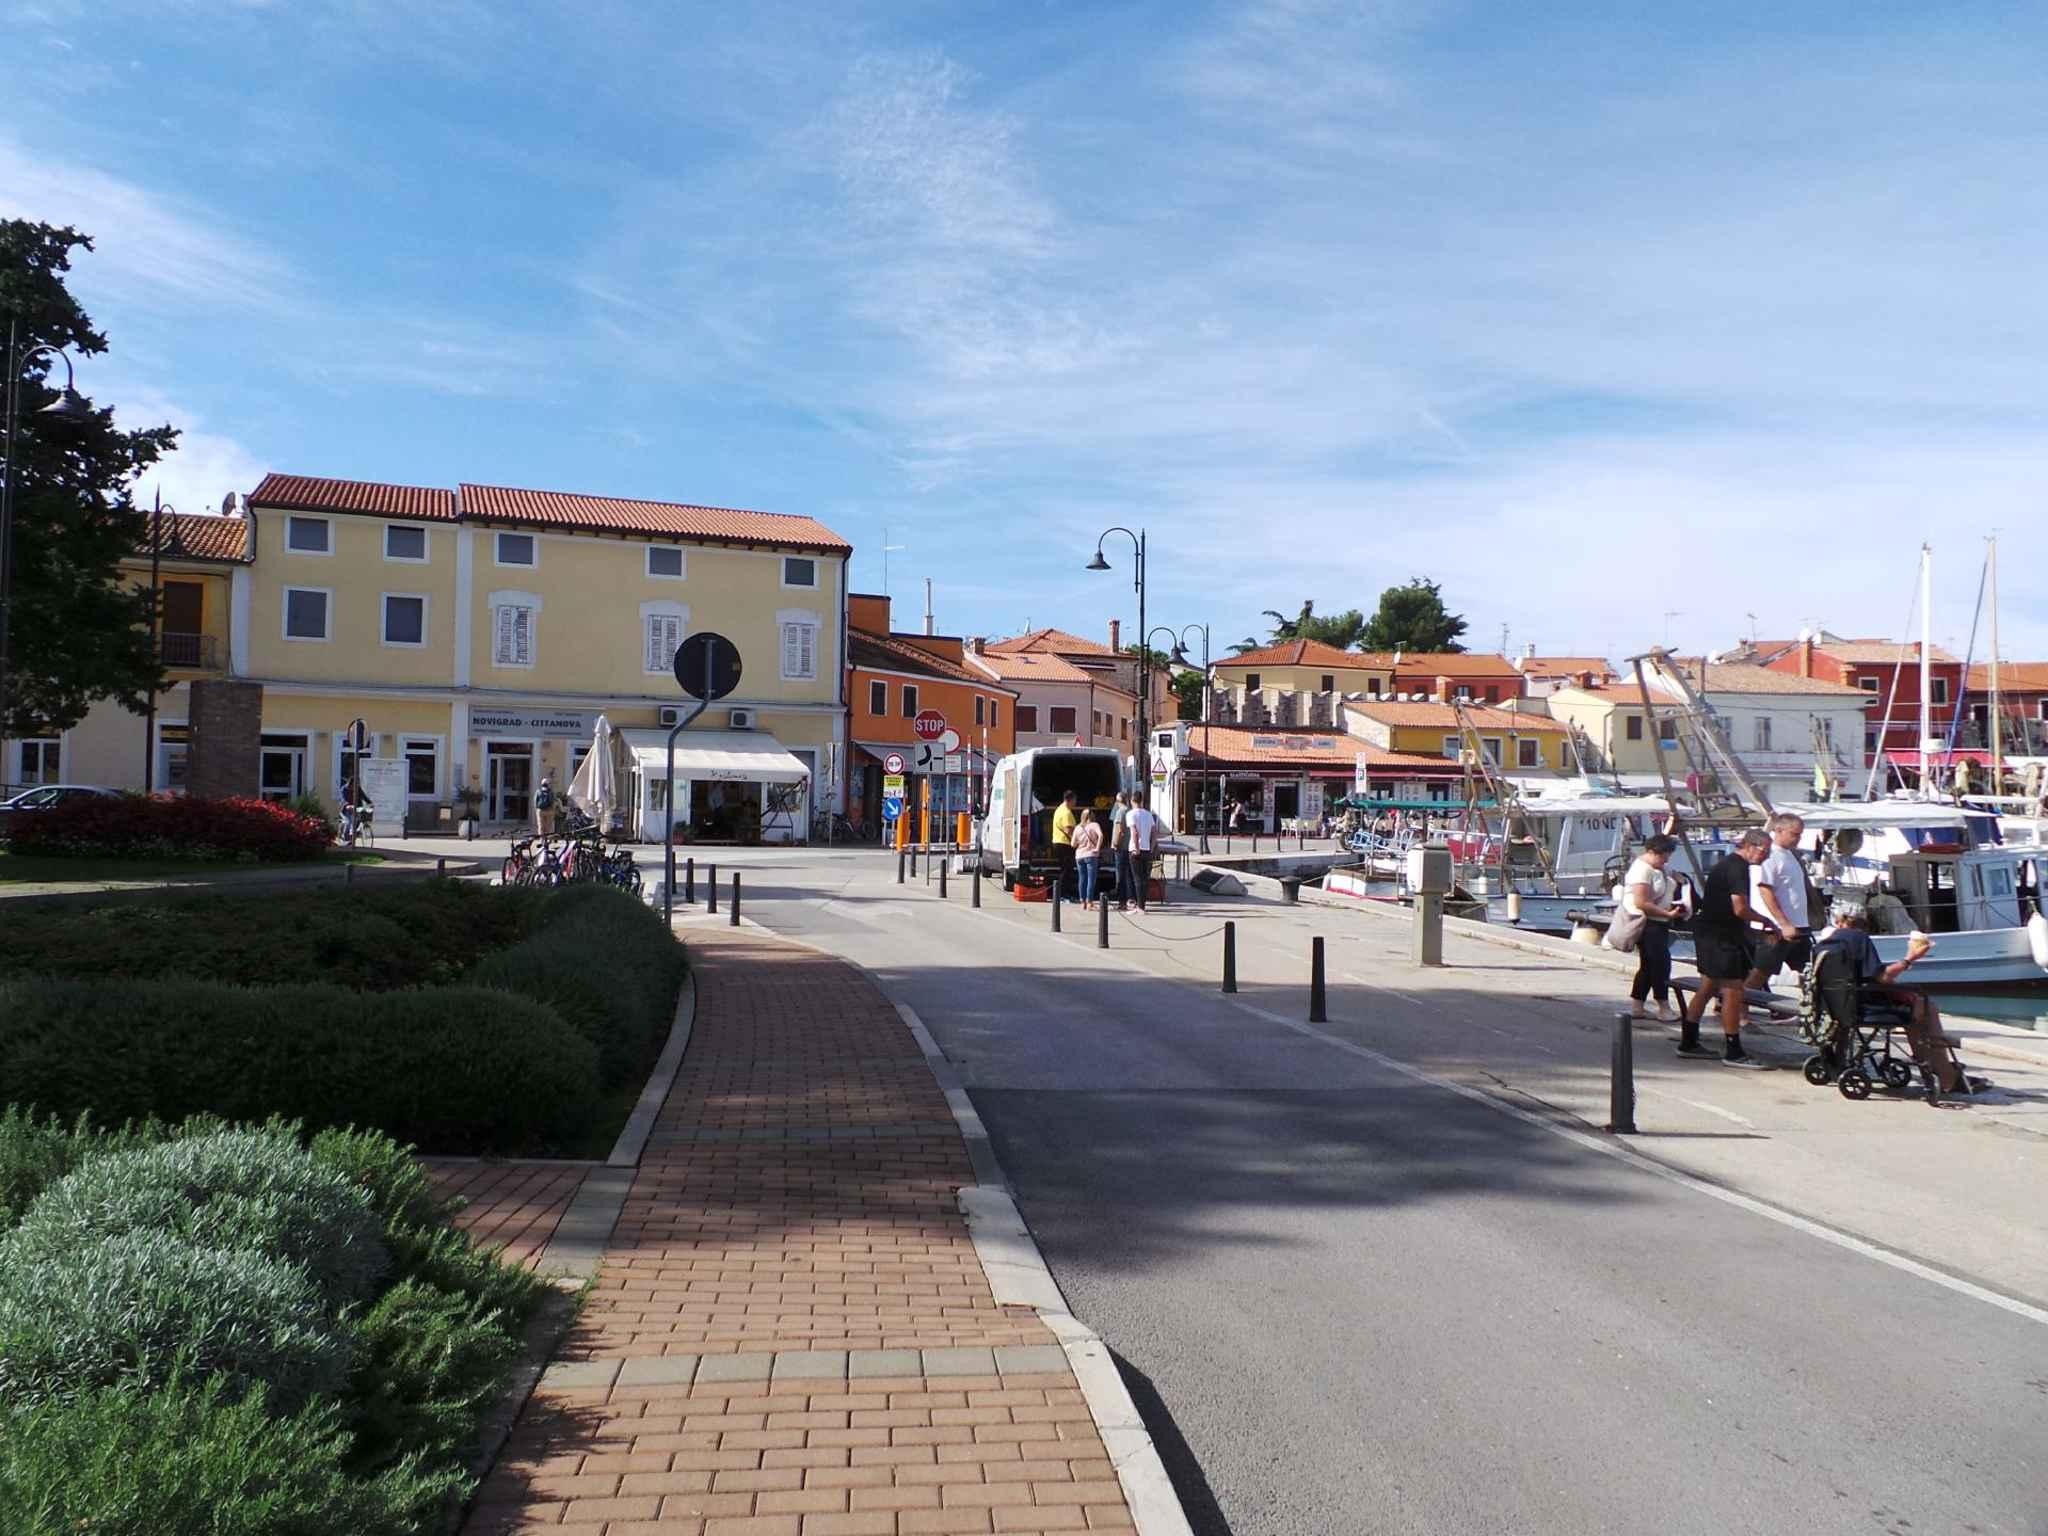 Ferienwohnung mit Meerblick (278910), Zadar, , Dalmatien, Kroatien, Bild 17